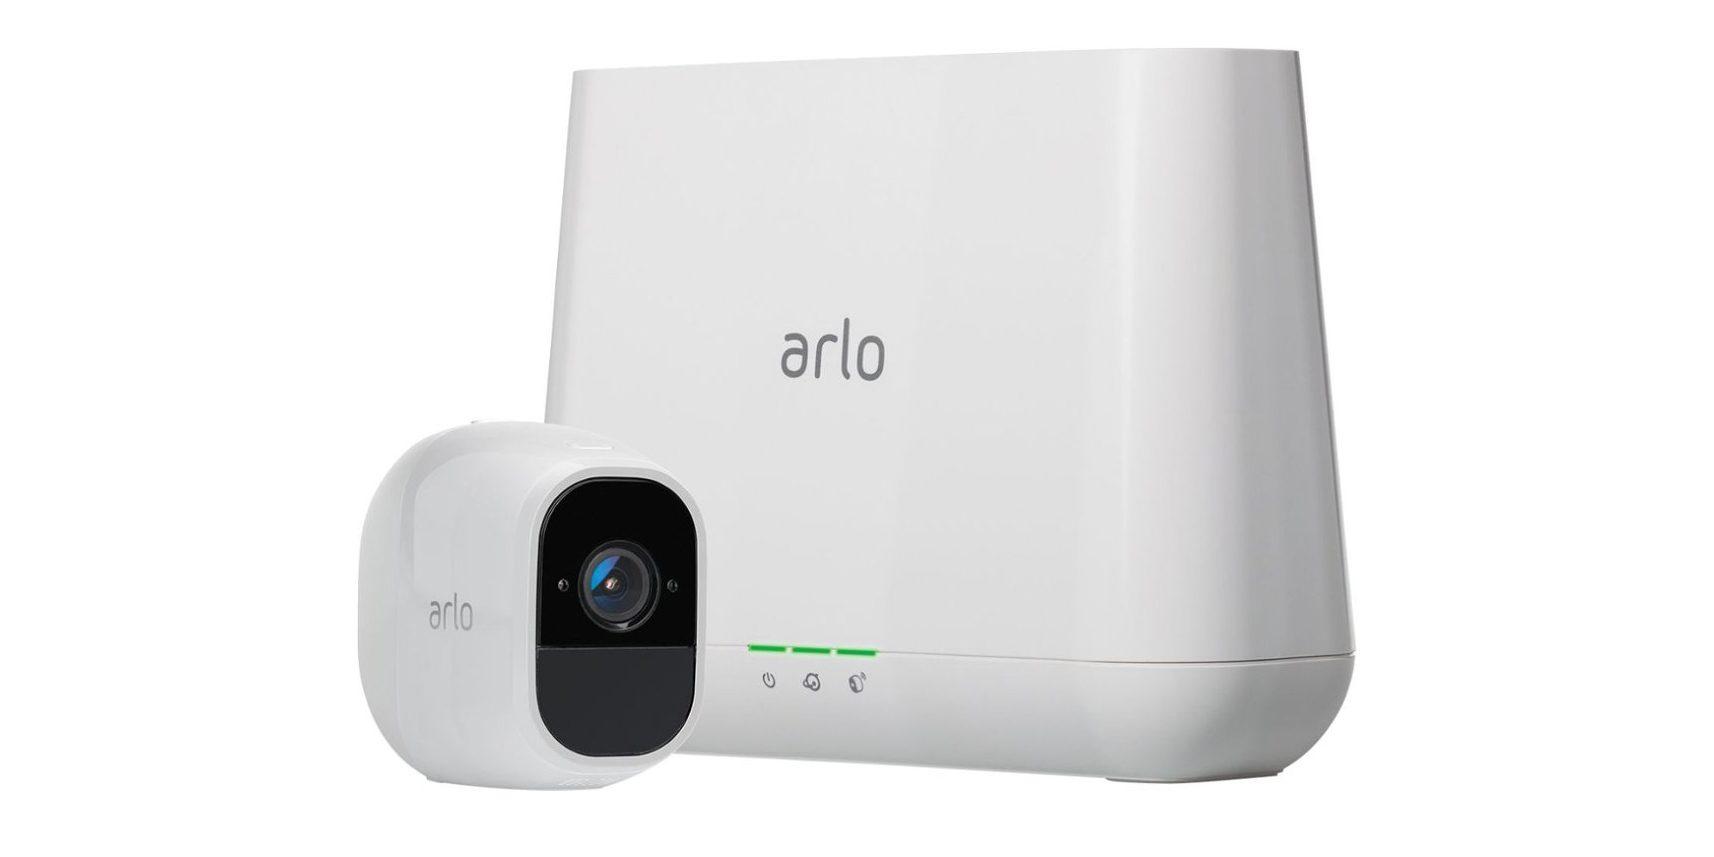 9to5Toys Letzter Anruf: Bose Revolve Bluetooth Speaker $ 159, Arlo Pro 2-Sicherheitssystem $ 200, QNAP-NAS mit 3 Einschüben $ 170, mehr